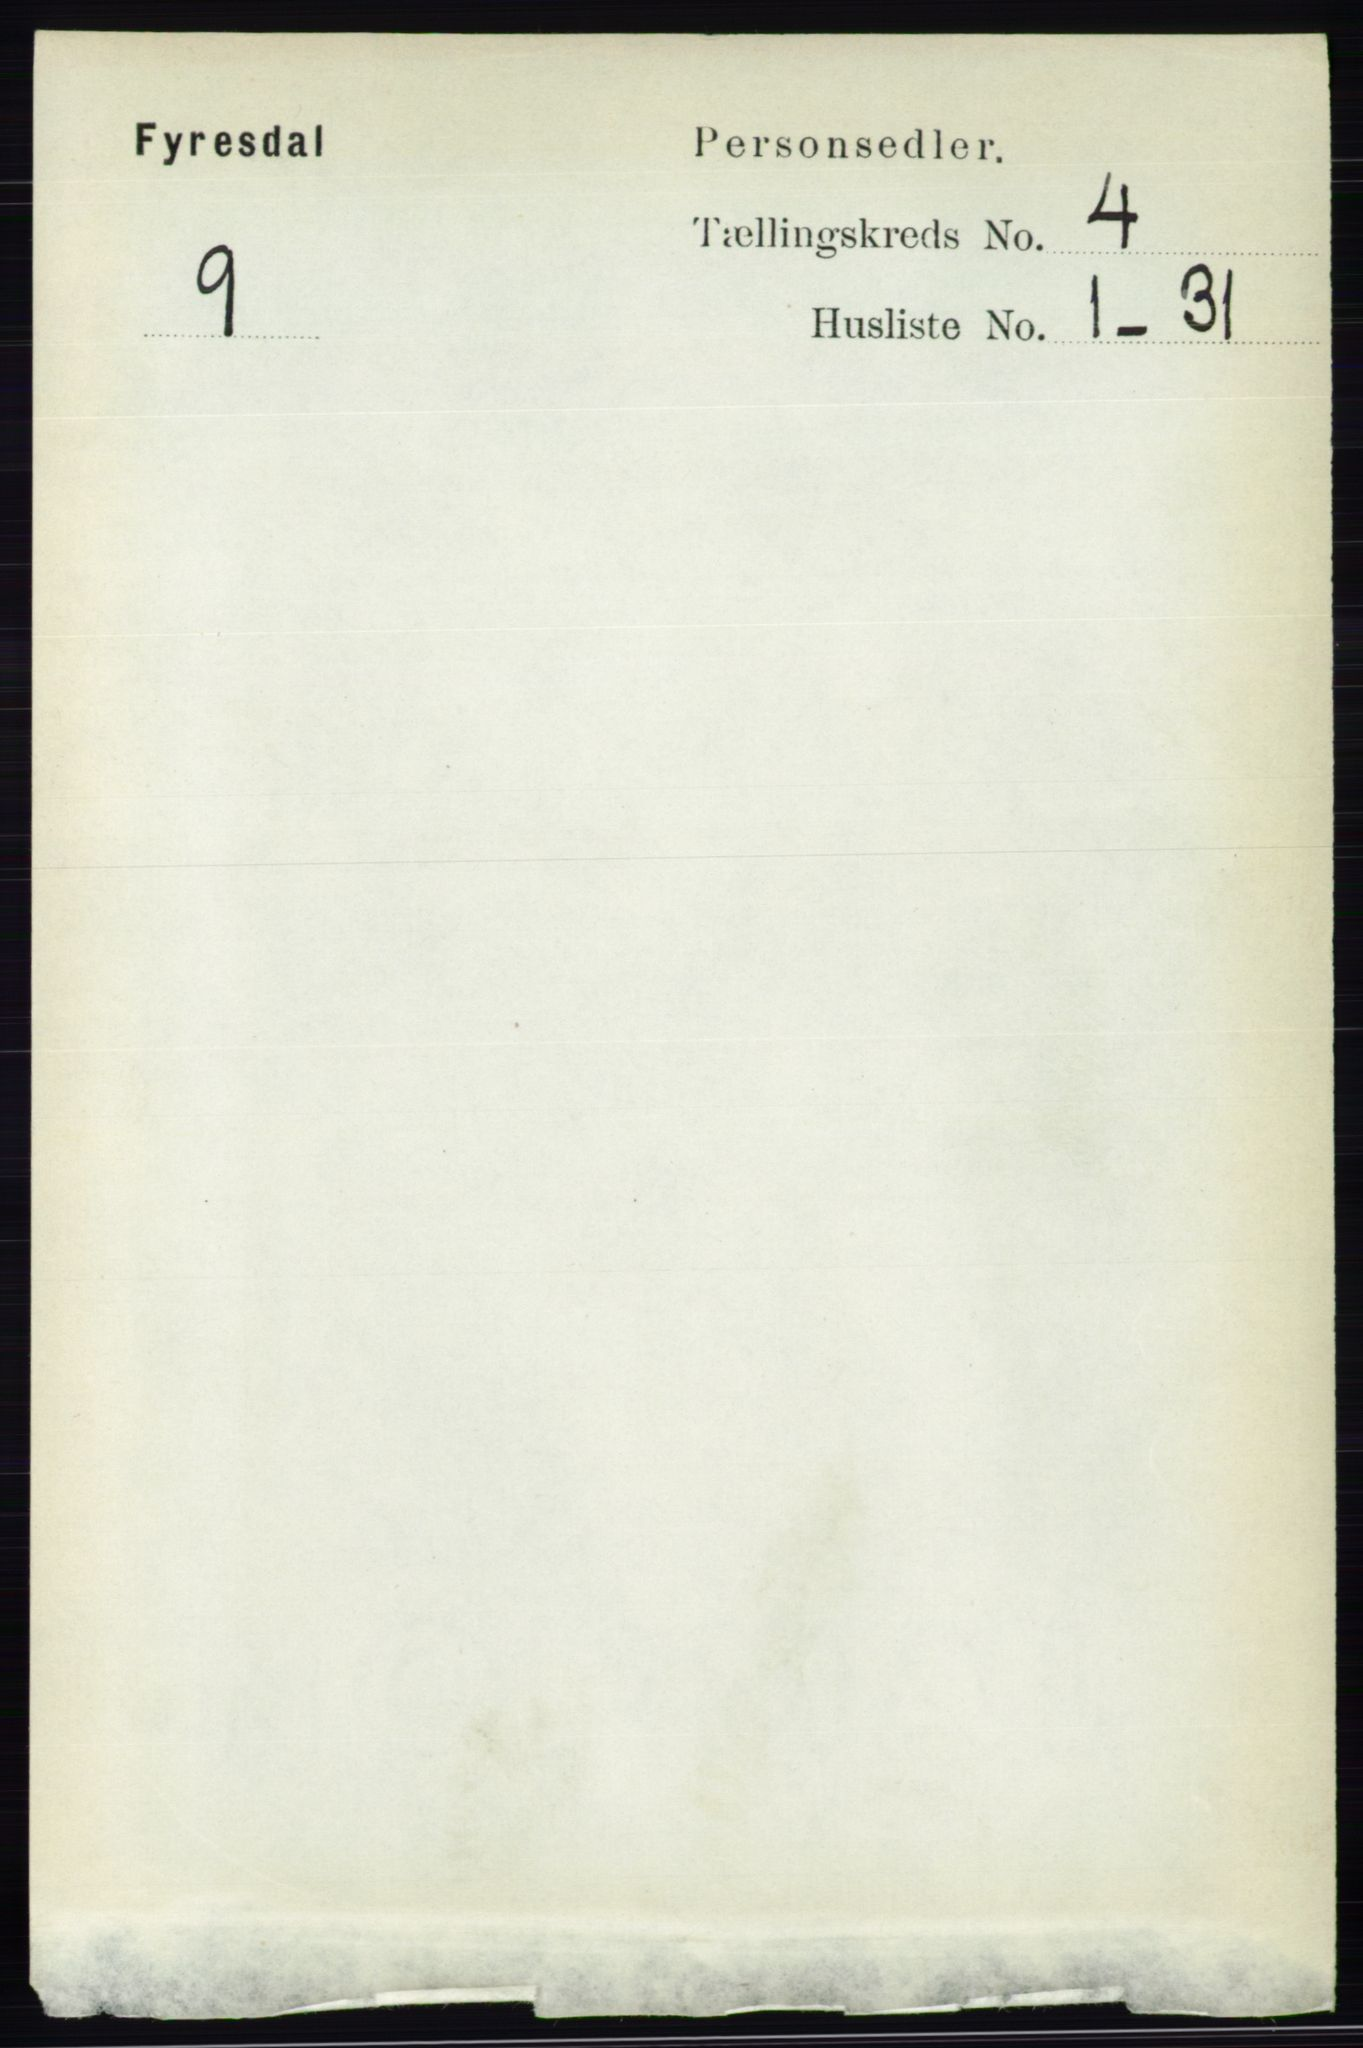 RA, Folketelling 1891 for 0831 Fyresdal herred, 1891, s. 808